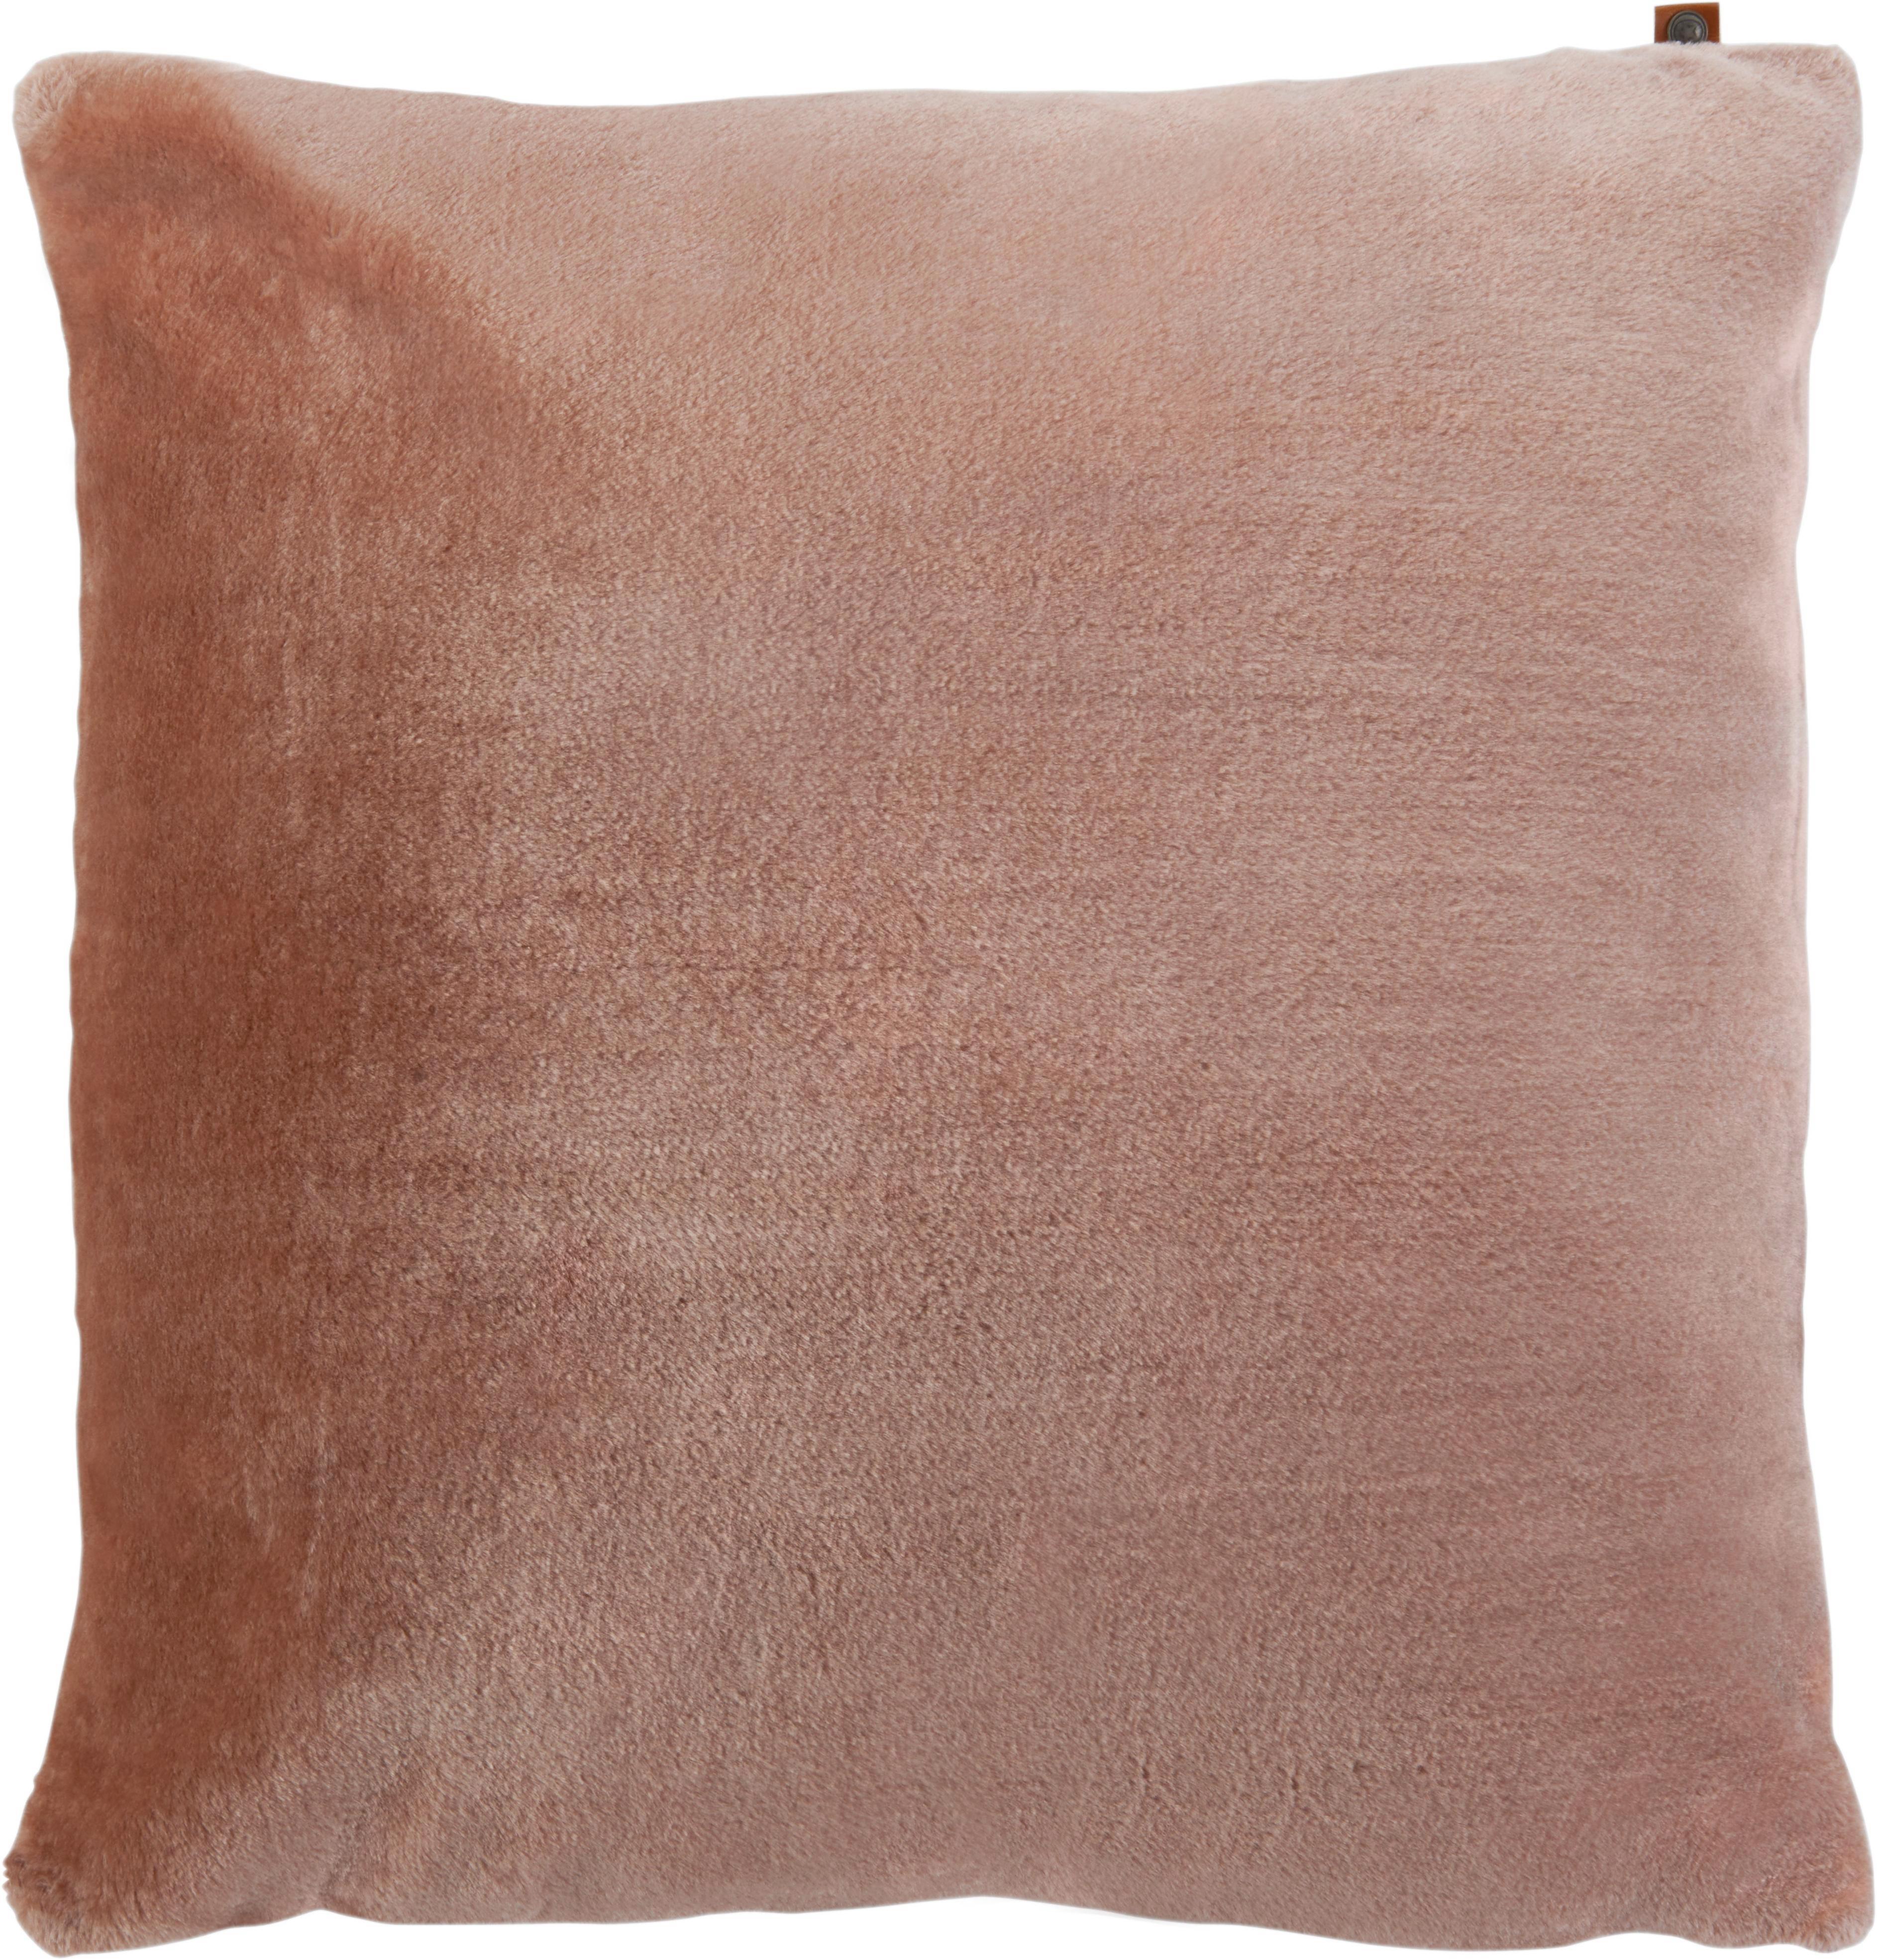 Zierkissen Eliza 60x60cm - Rosa, MODERN, Textil (60/60cm)